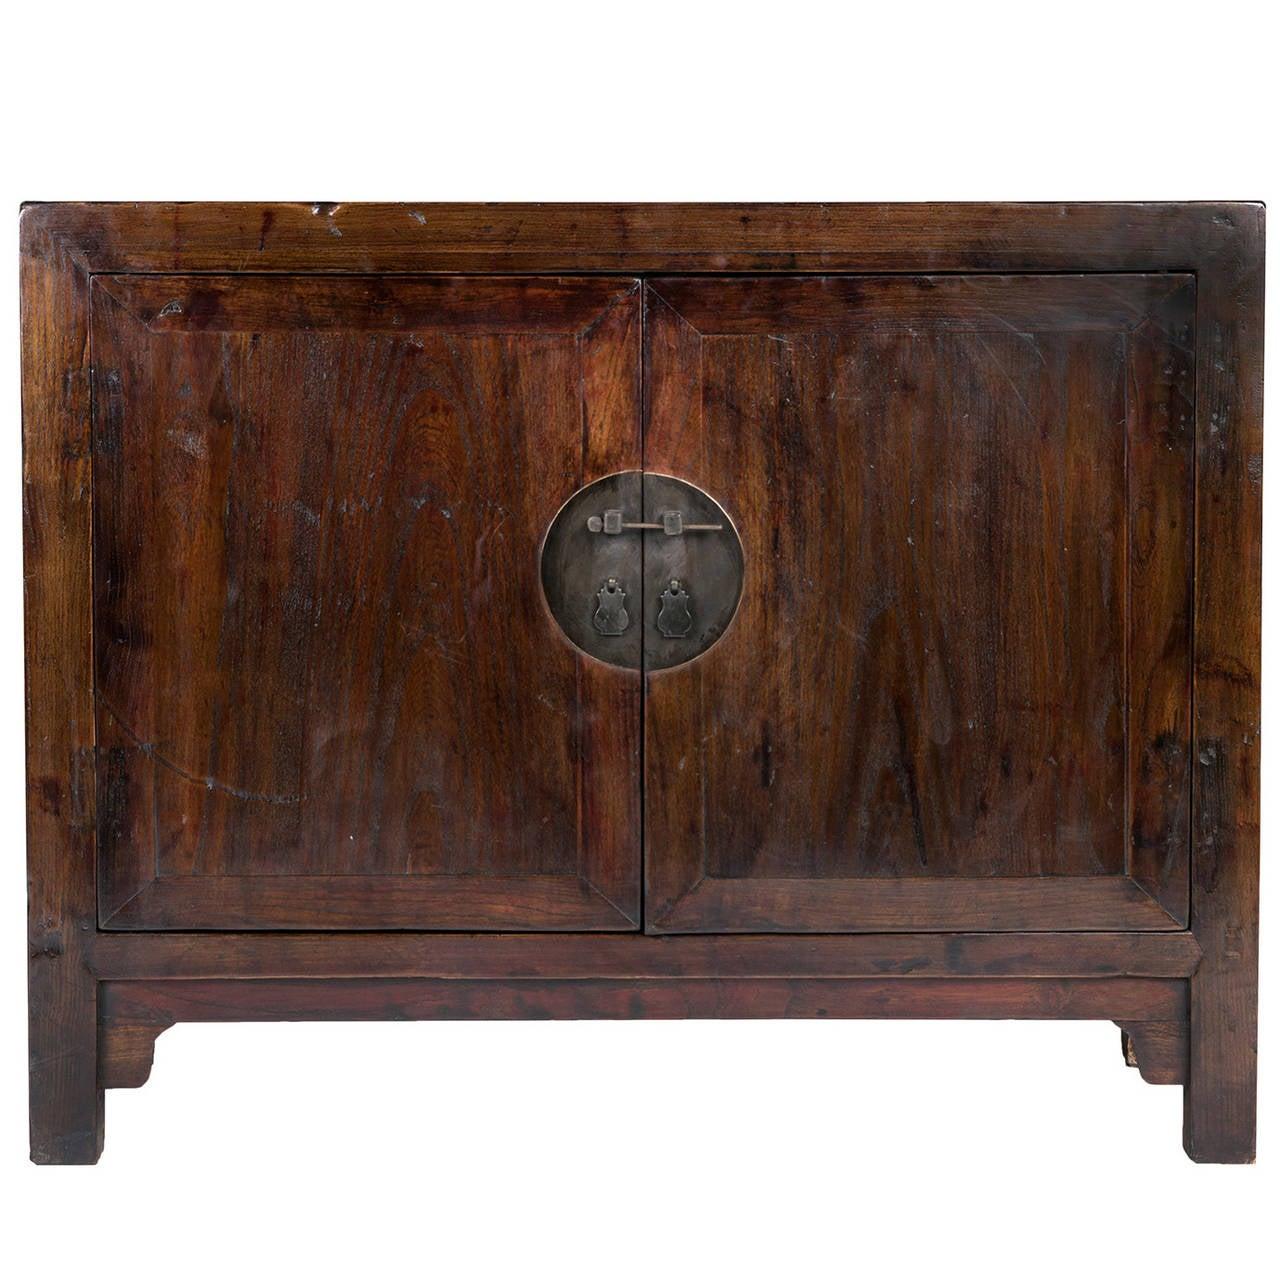 Elmwood Kitchen Cabinet Door Styles: 19th C. Chinese Low Two Door Elmwood Cabinet At 1stdibs